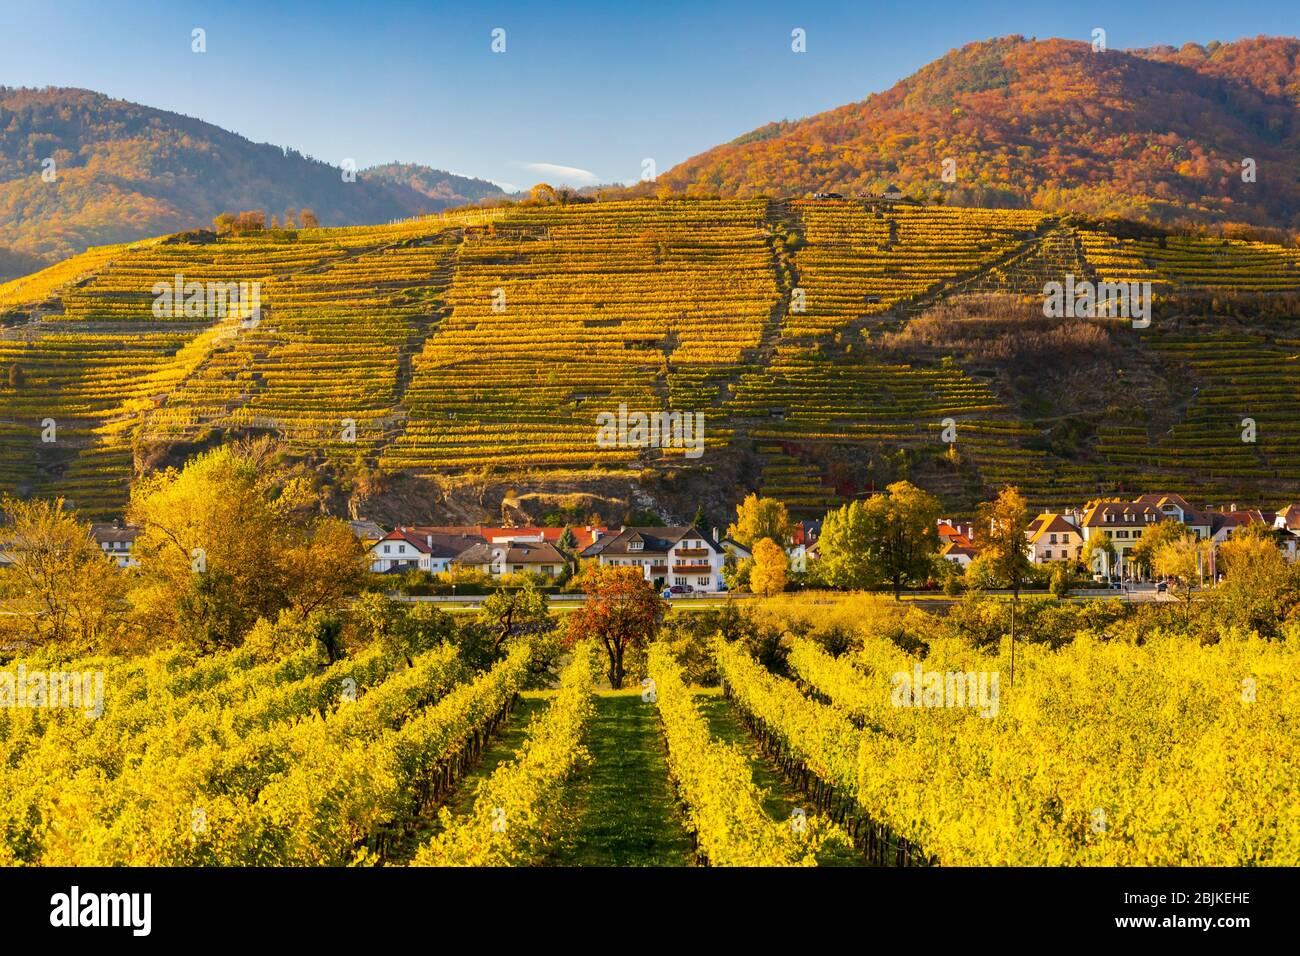 autumn vineyard in Wachau region, Austria. Stock Photo